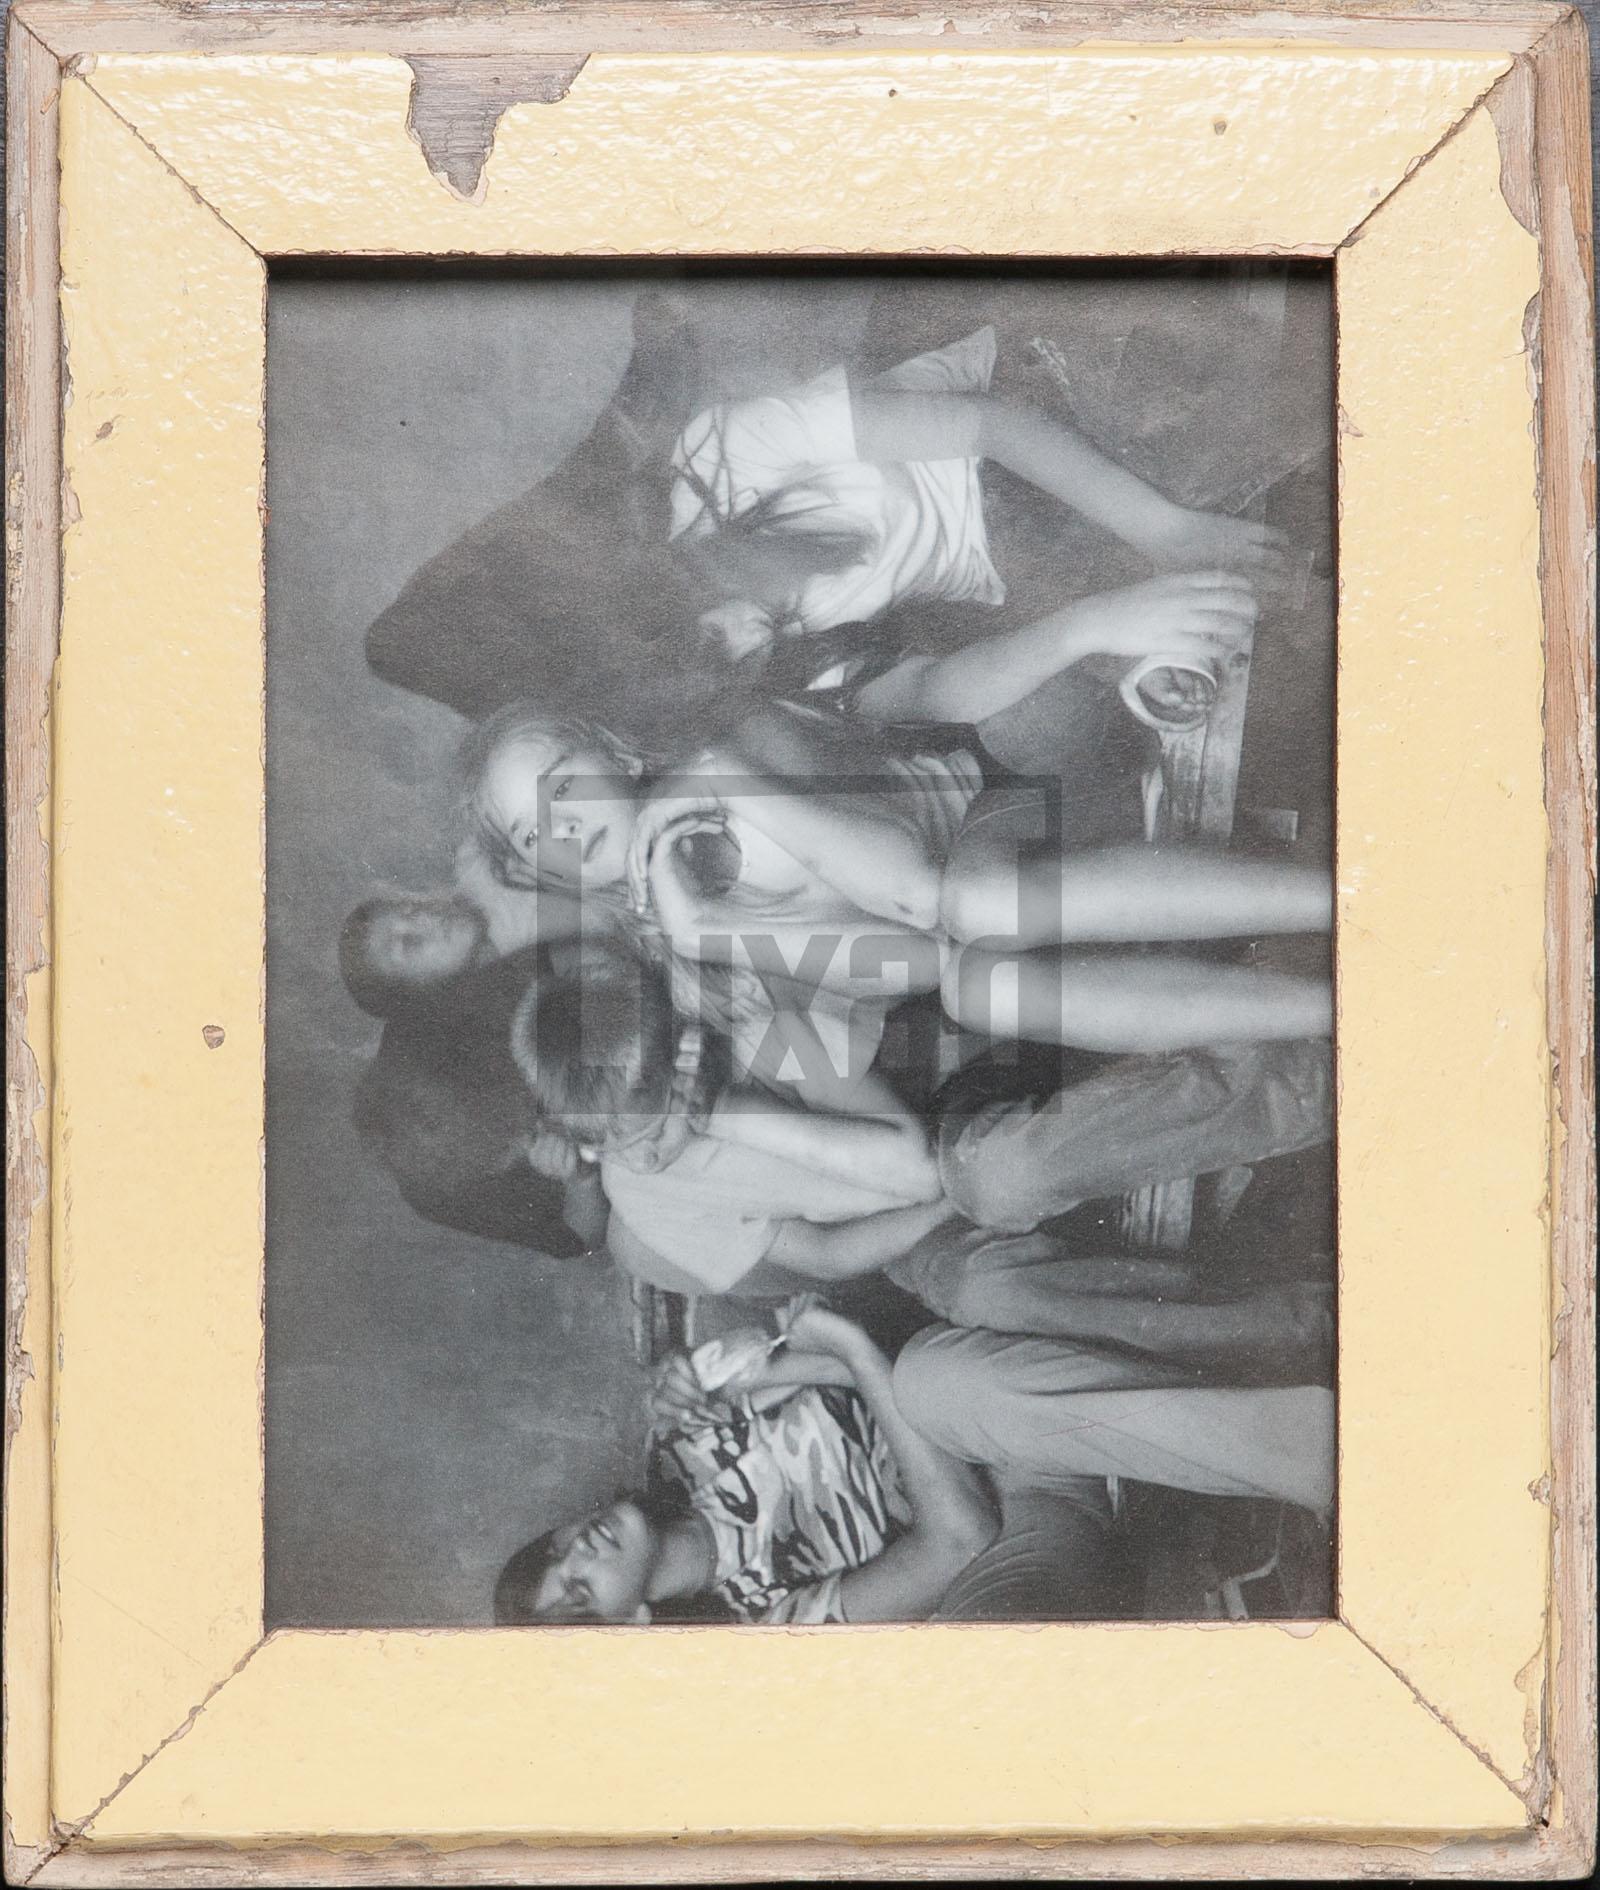 Bilderrahmen aus Recyclingholz für Fotos 20 x 25 cm